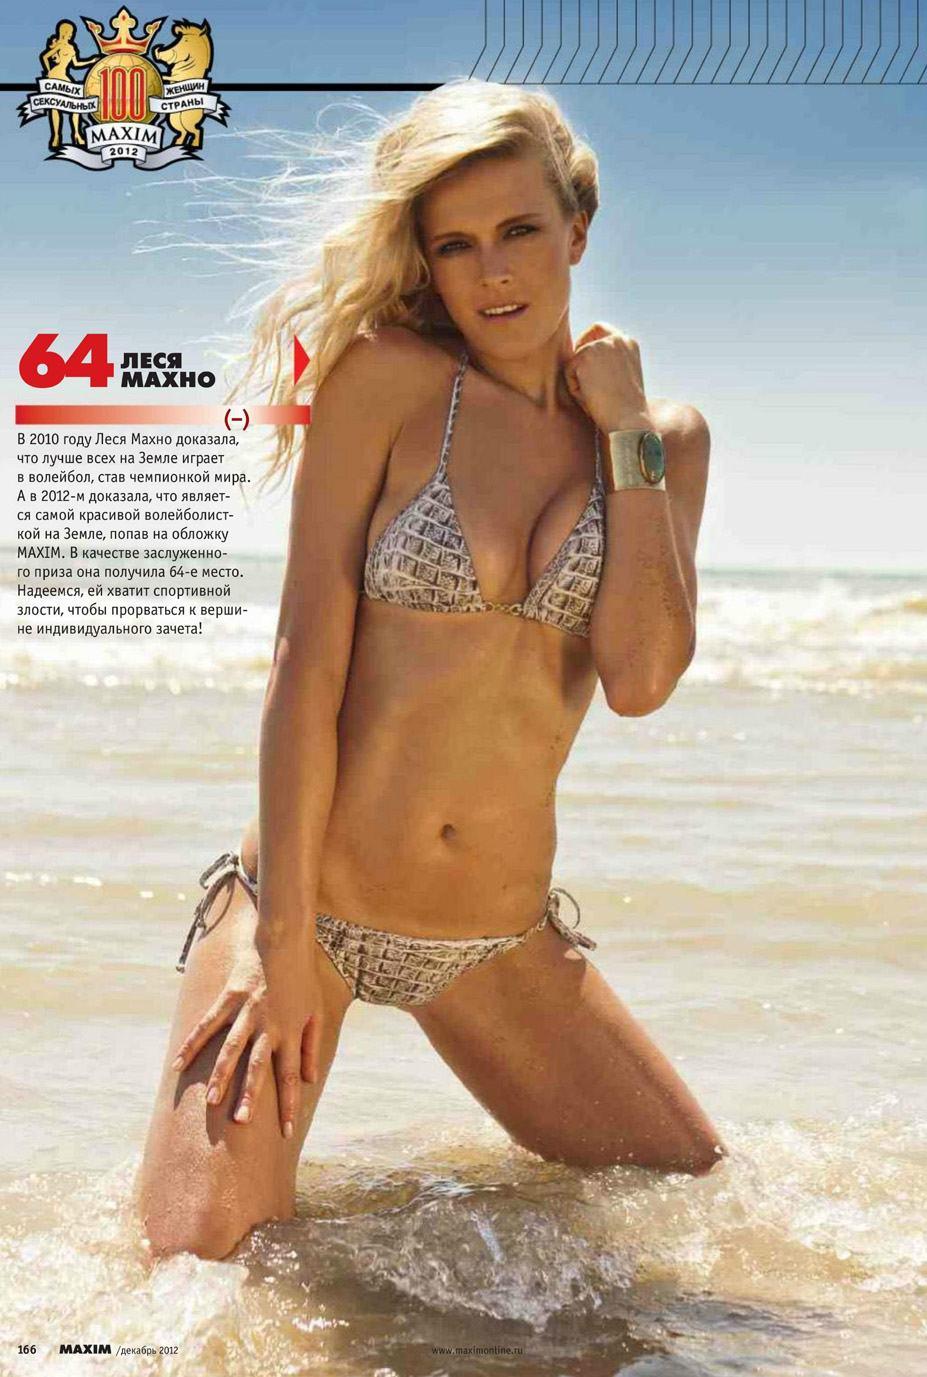 Леся Махно - 100 самых сексуальных женщин страны - Россия Maxim hot 100